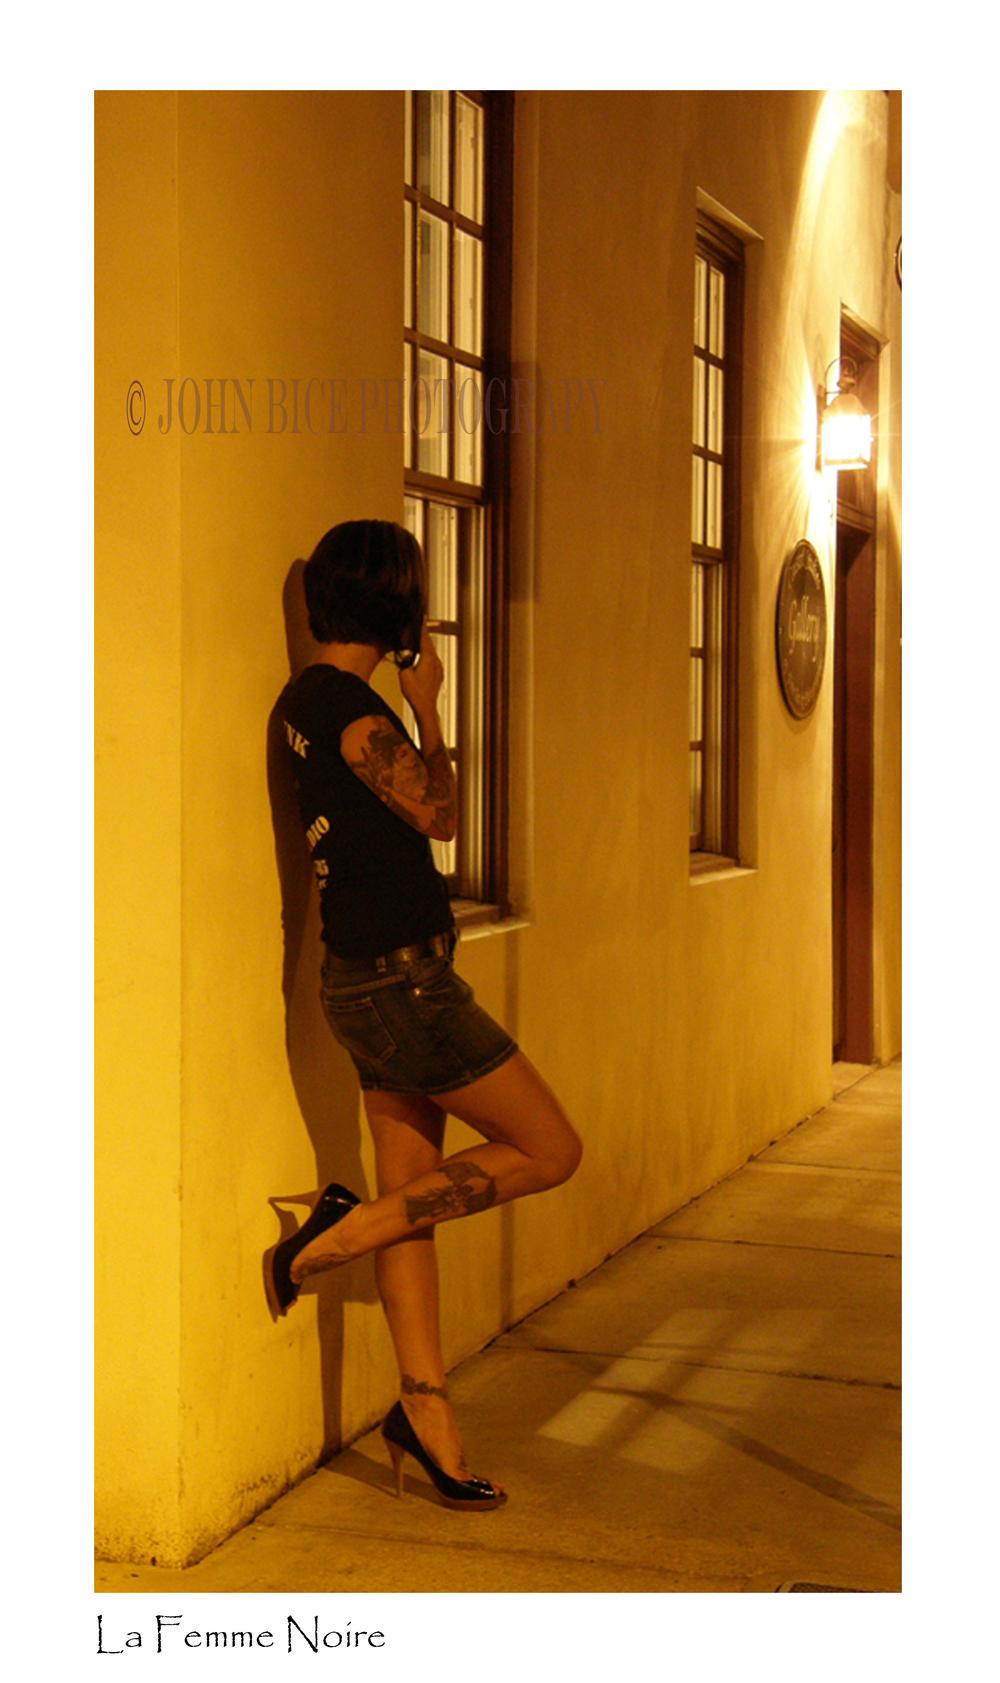 La Femme Noire.jpg